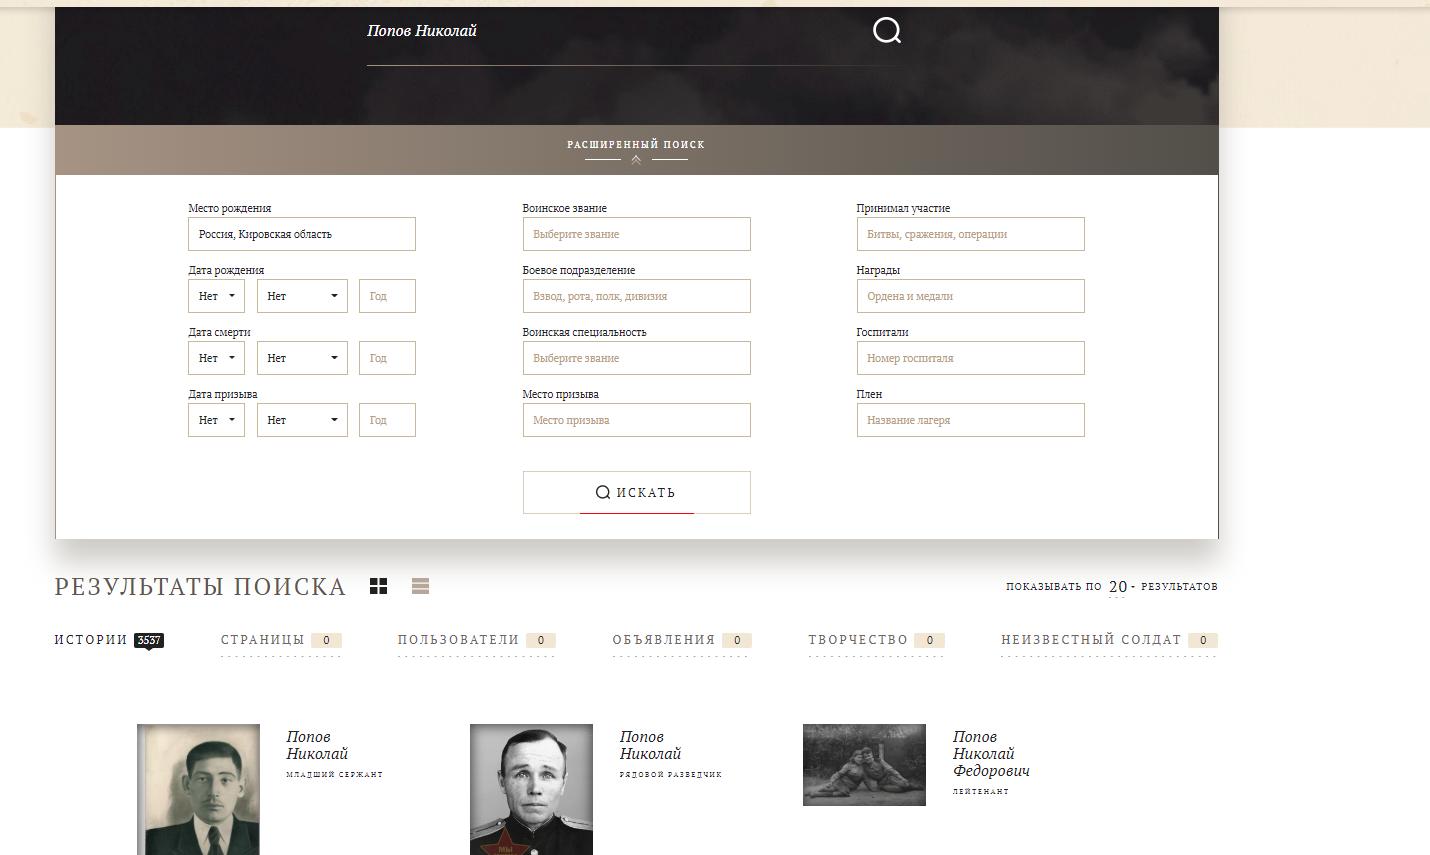 Сайт moypolk.ru  Бессмертный полк, который создают потомки участников Великой отечественной войны.